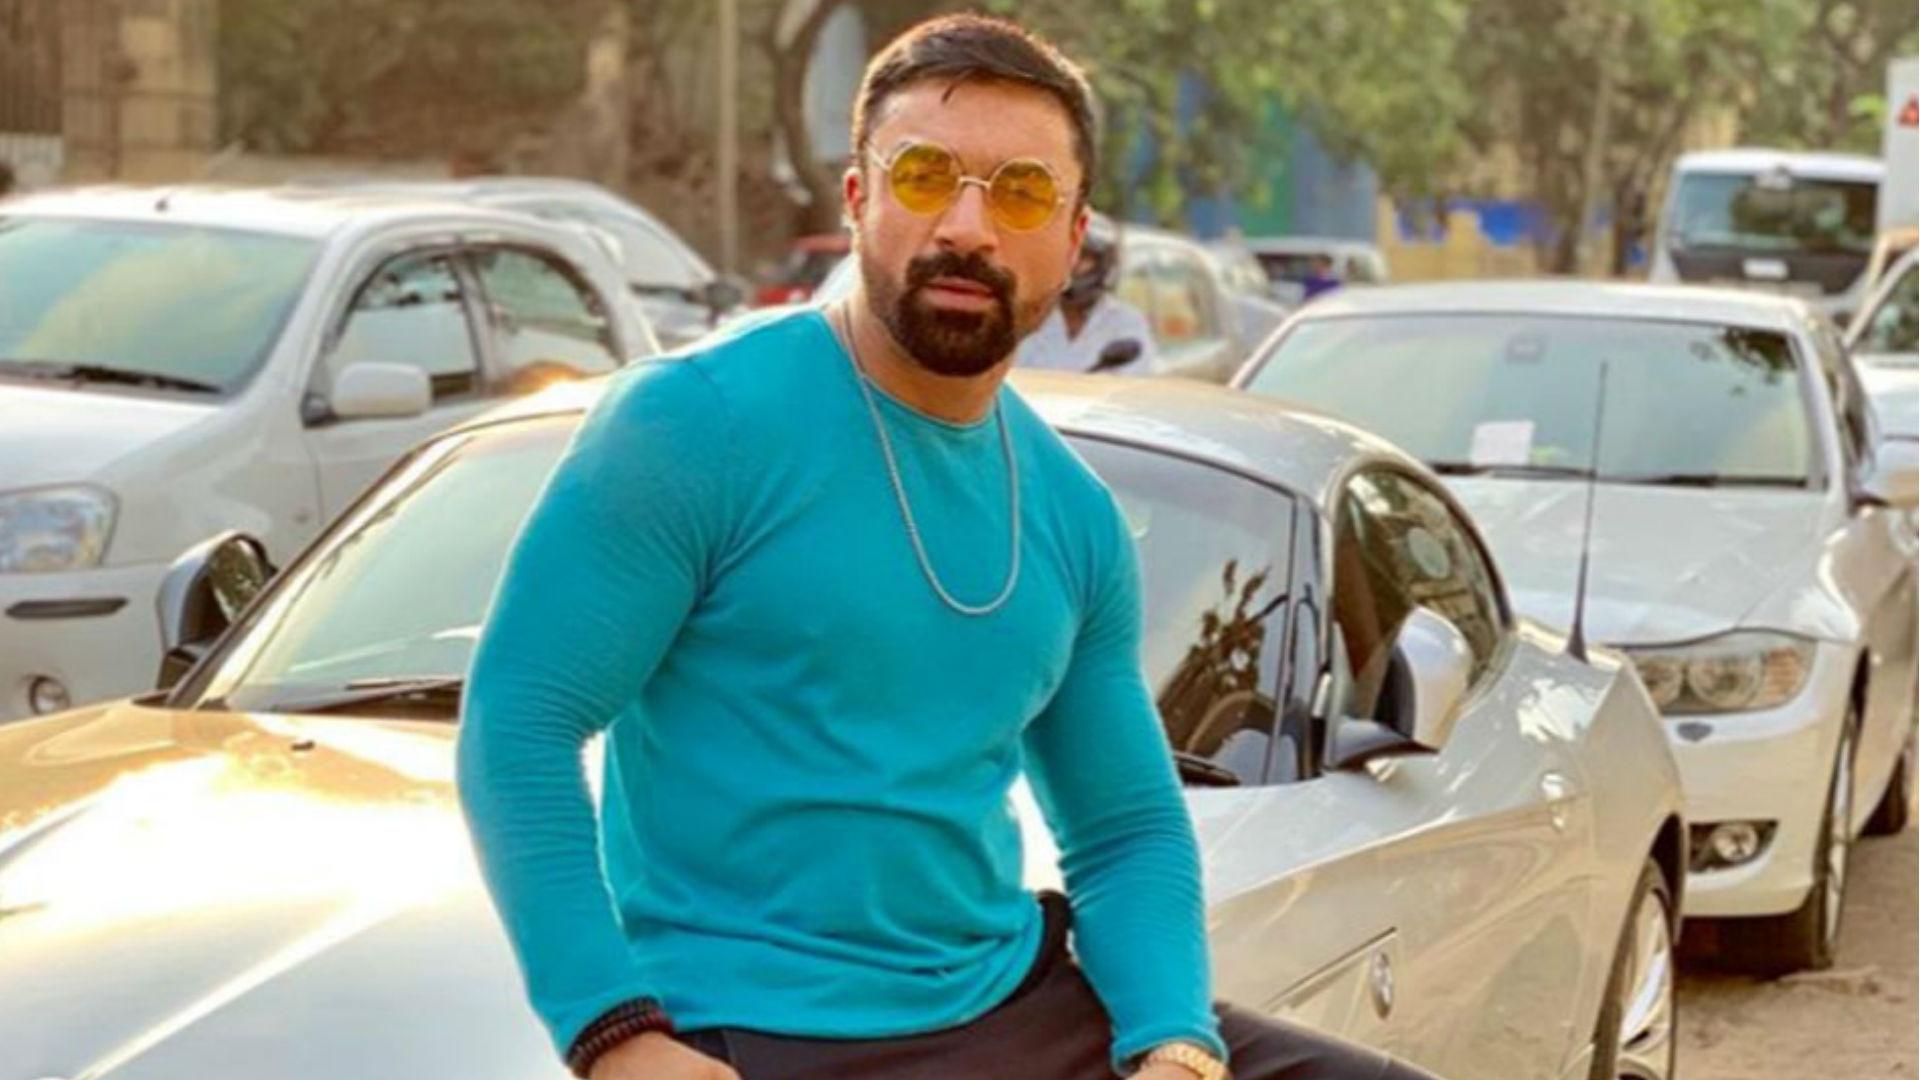 एजाज खान को मिली जमानत, भड़काऊ वीडियो शेयर करने के मामले में भेजा गया था जेल